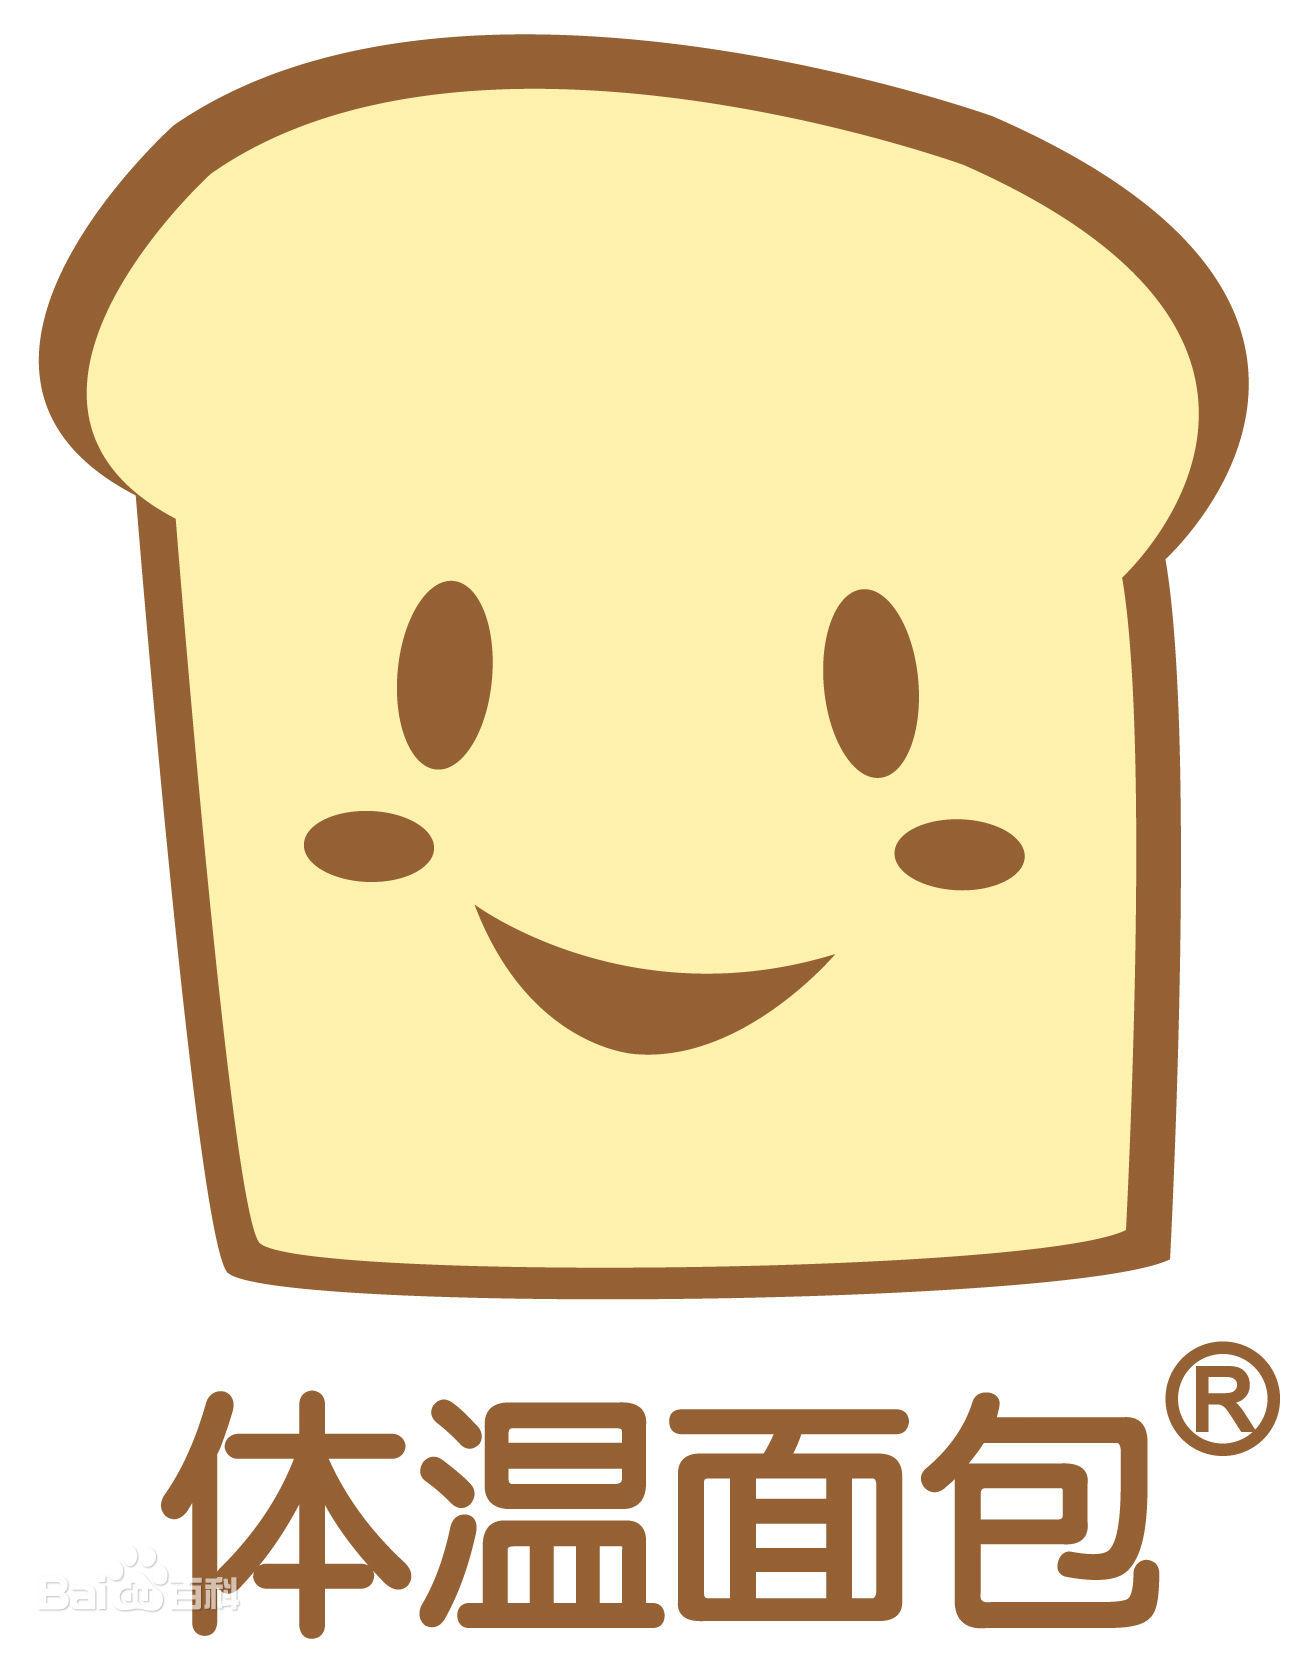 面包 gif 矢量